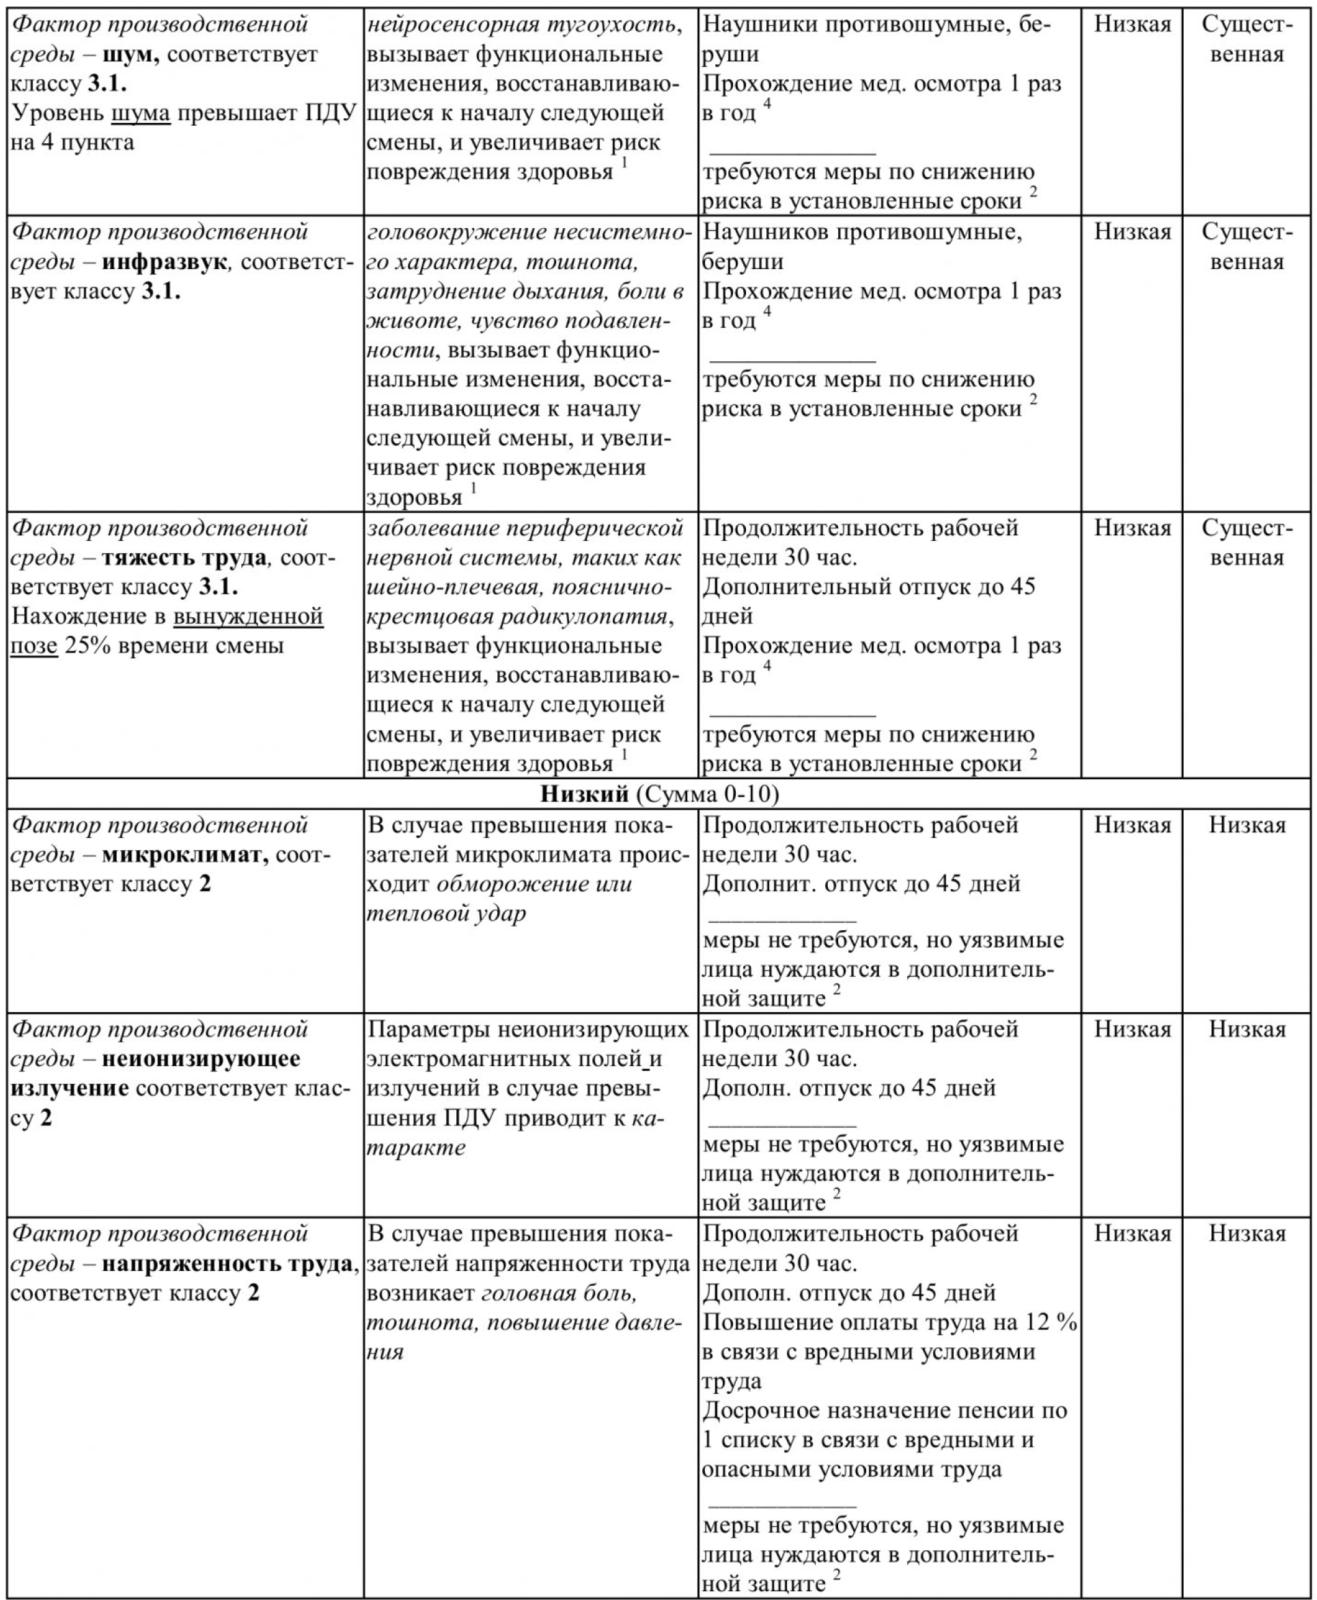 Таблица 4 – Профессиональные заболевания (ПЗ) - Часть №2